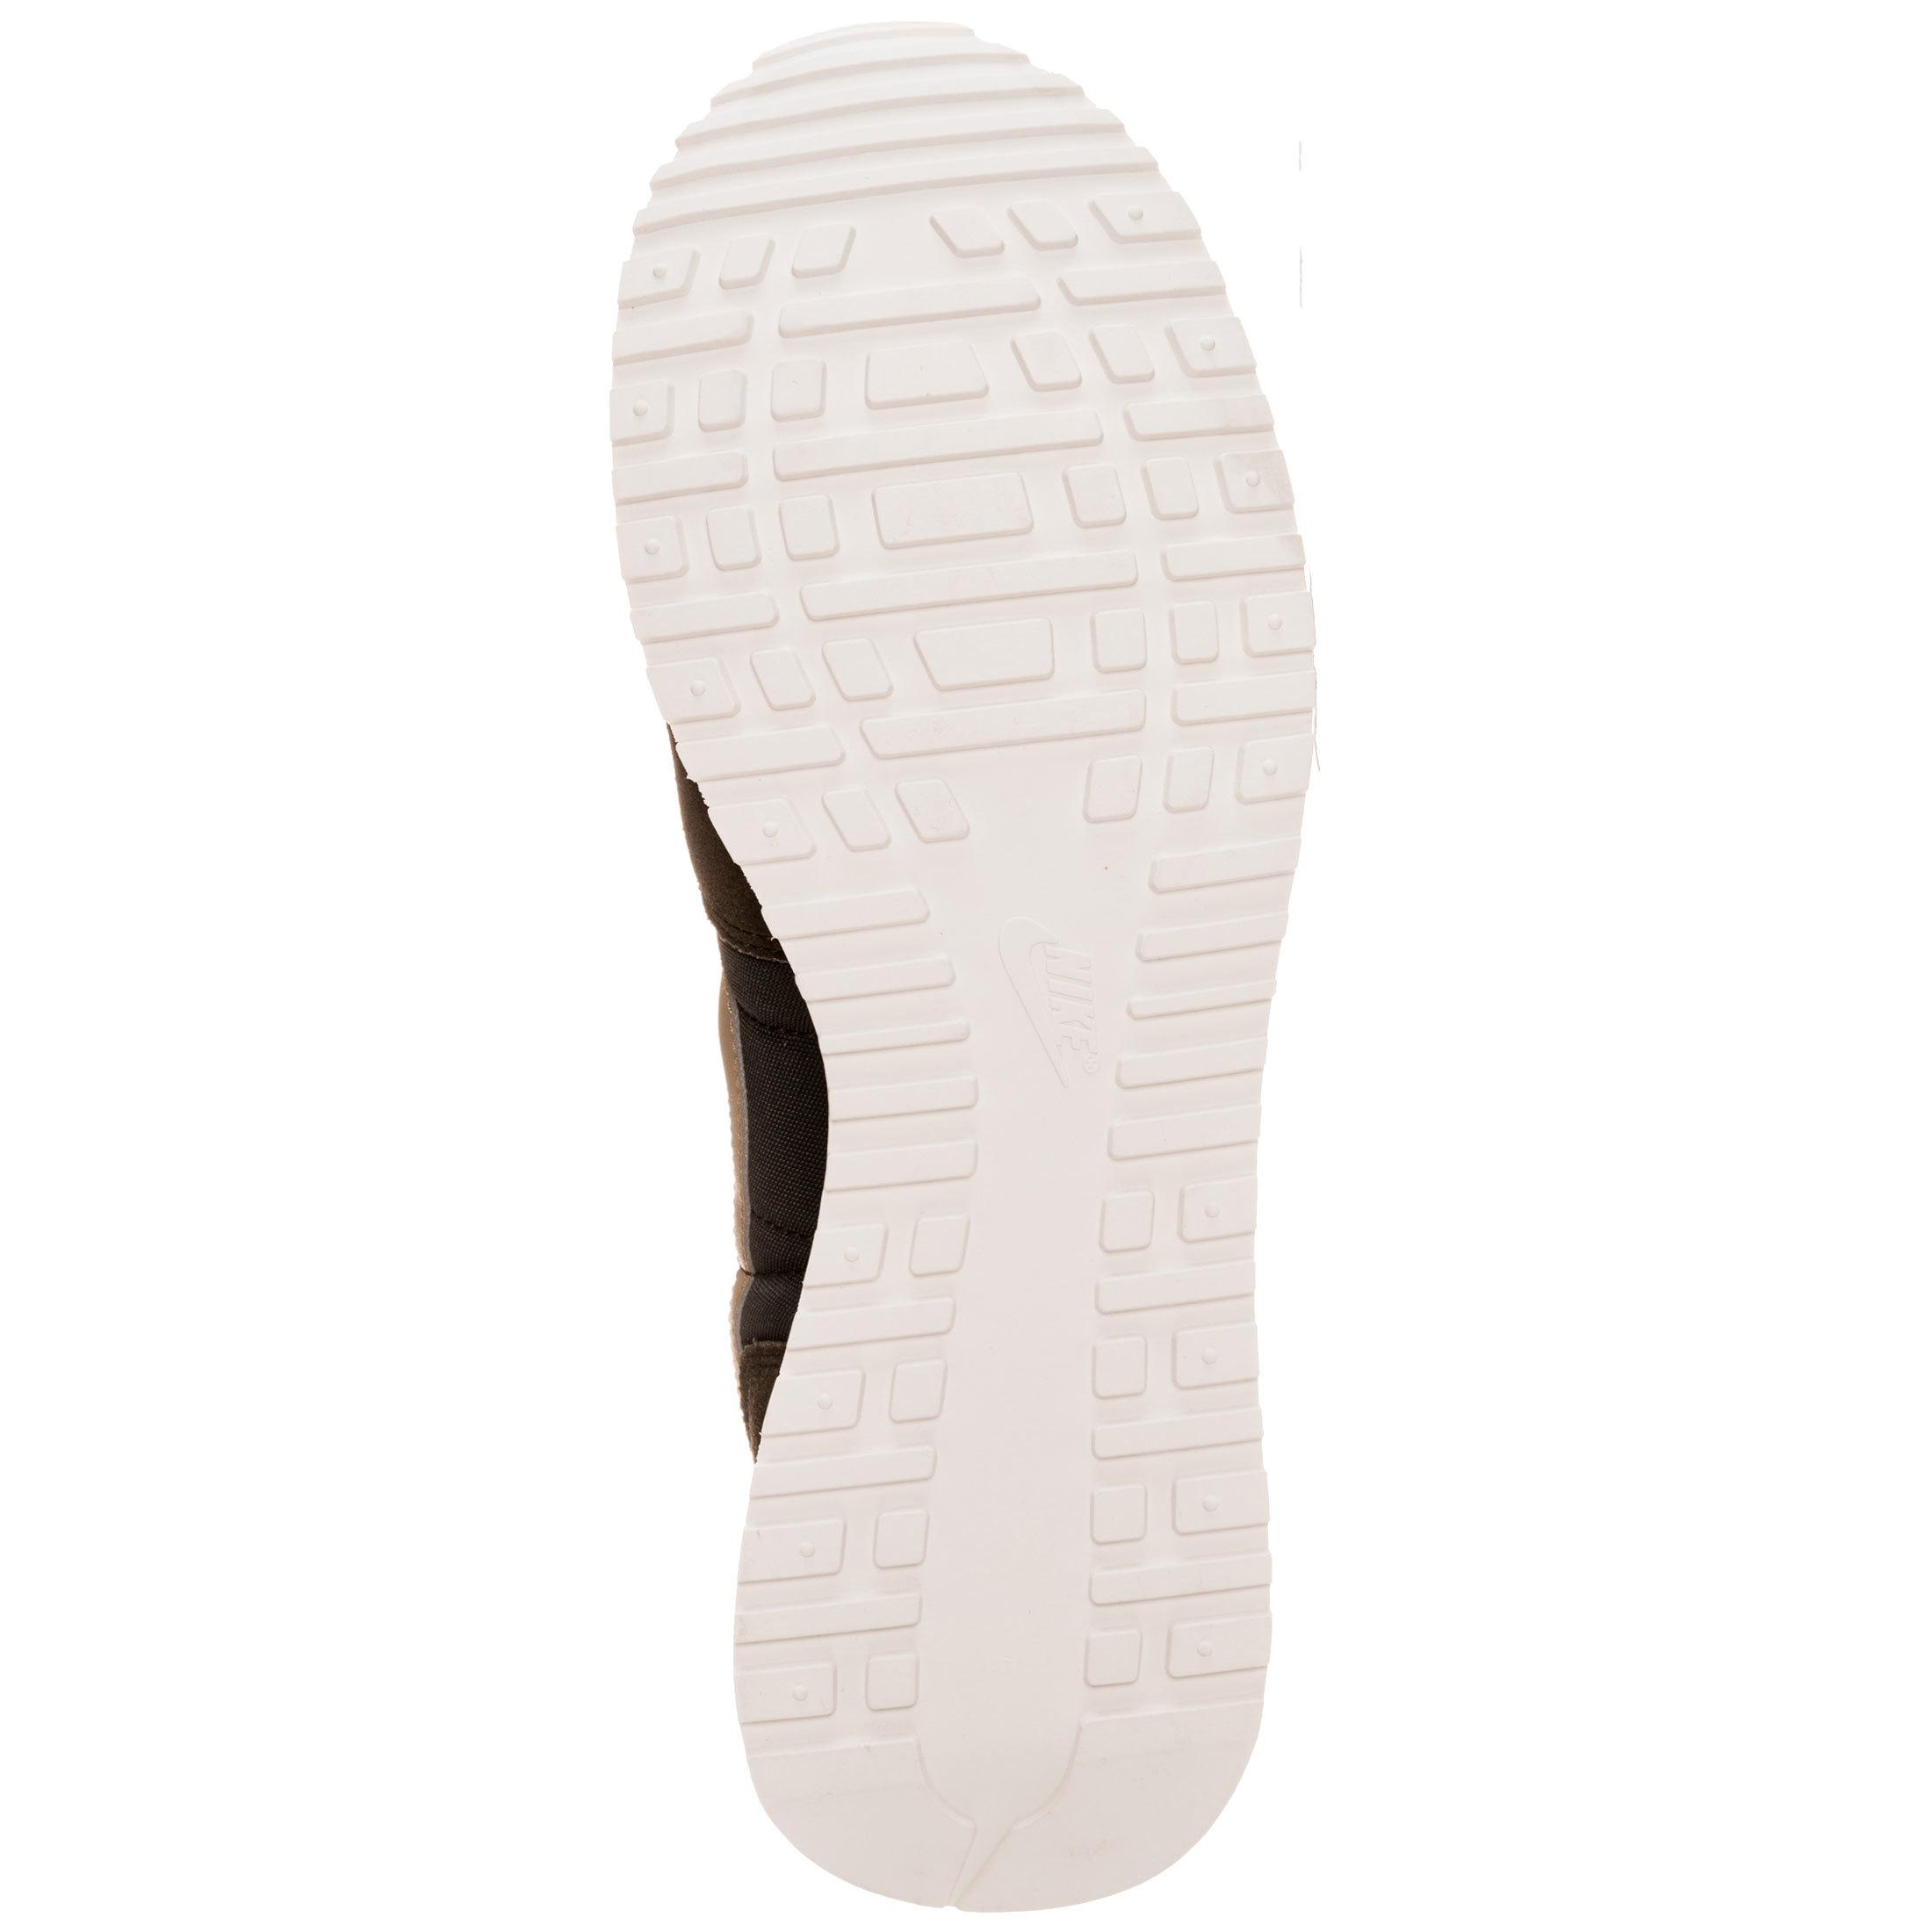 Nike Air Vortex Vortex Vortex Sneaker Herren dunkelgrün / oliv im Online Shop von SportScheck kaufen Gute Qualität beliebte Schuhe 8c98f7